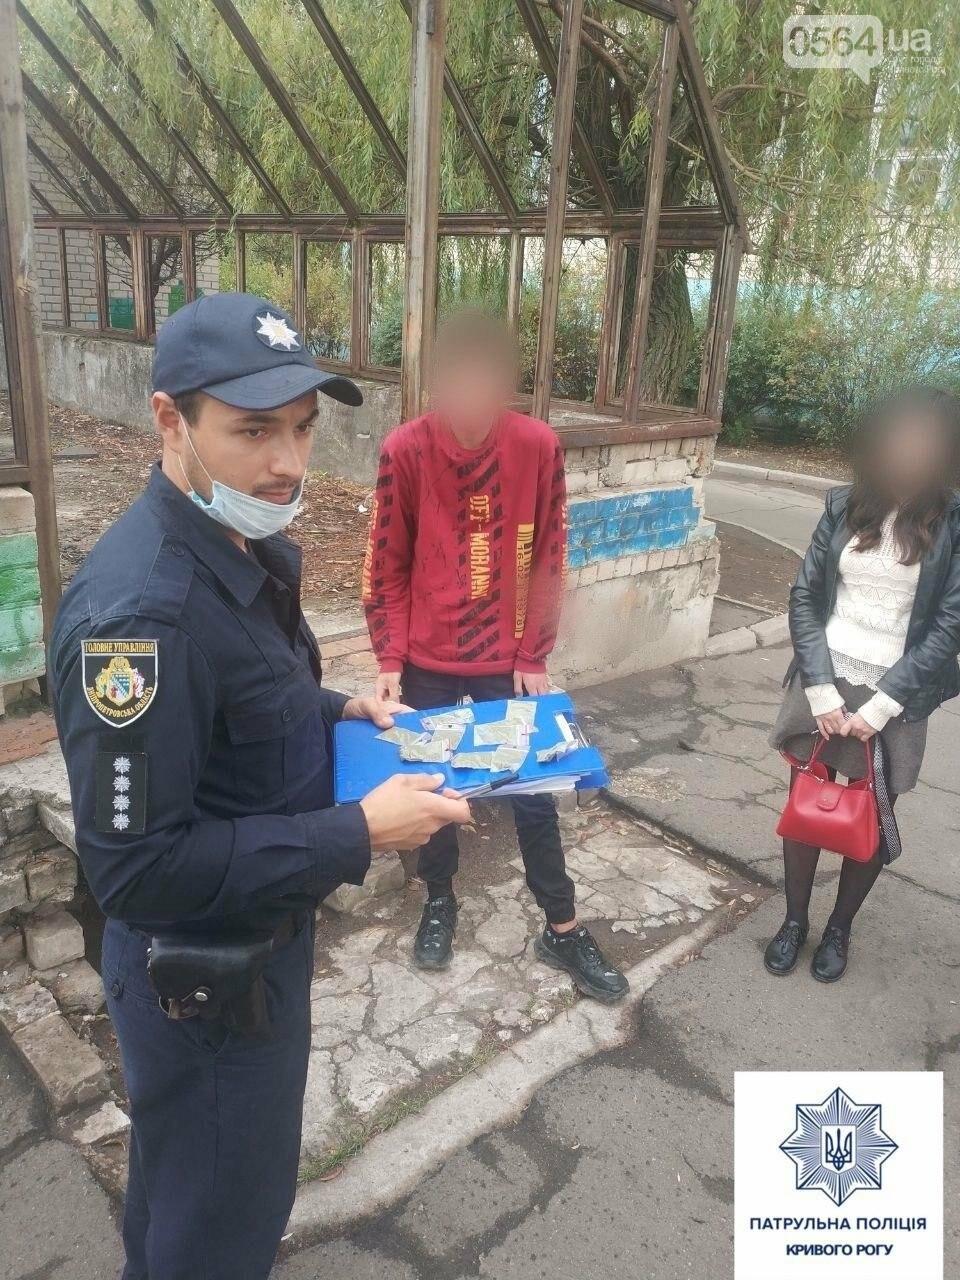 Криворожанин рассказал копам, как нашел возле магазина наркотики, - ФОТО, фото-1